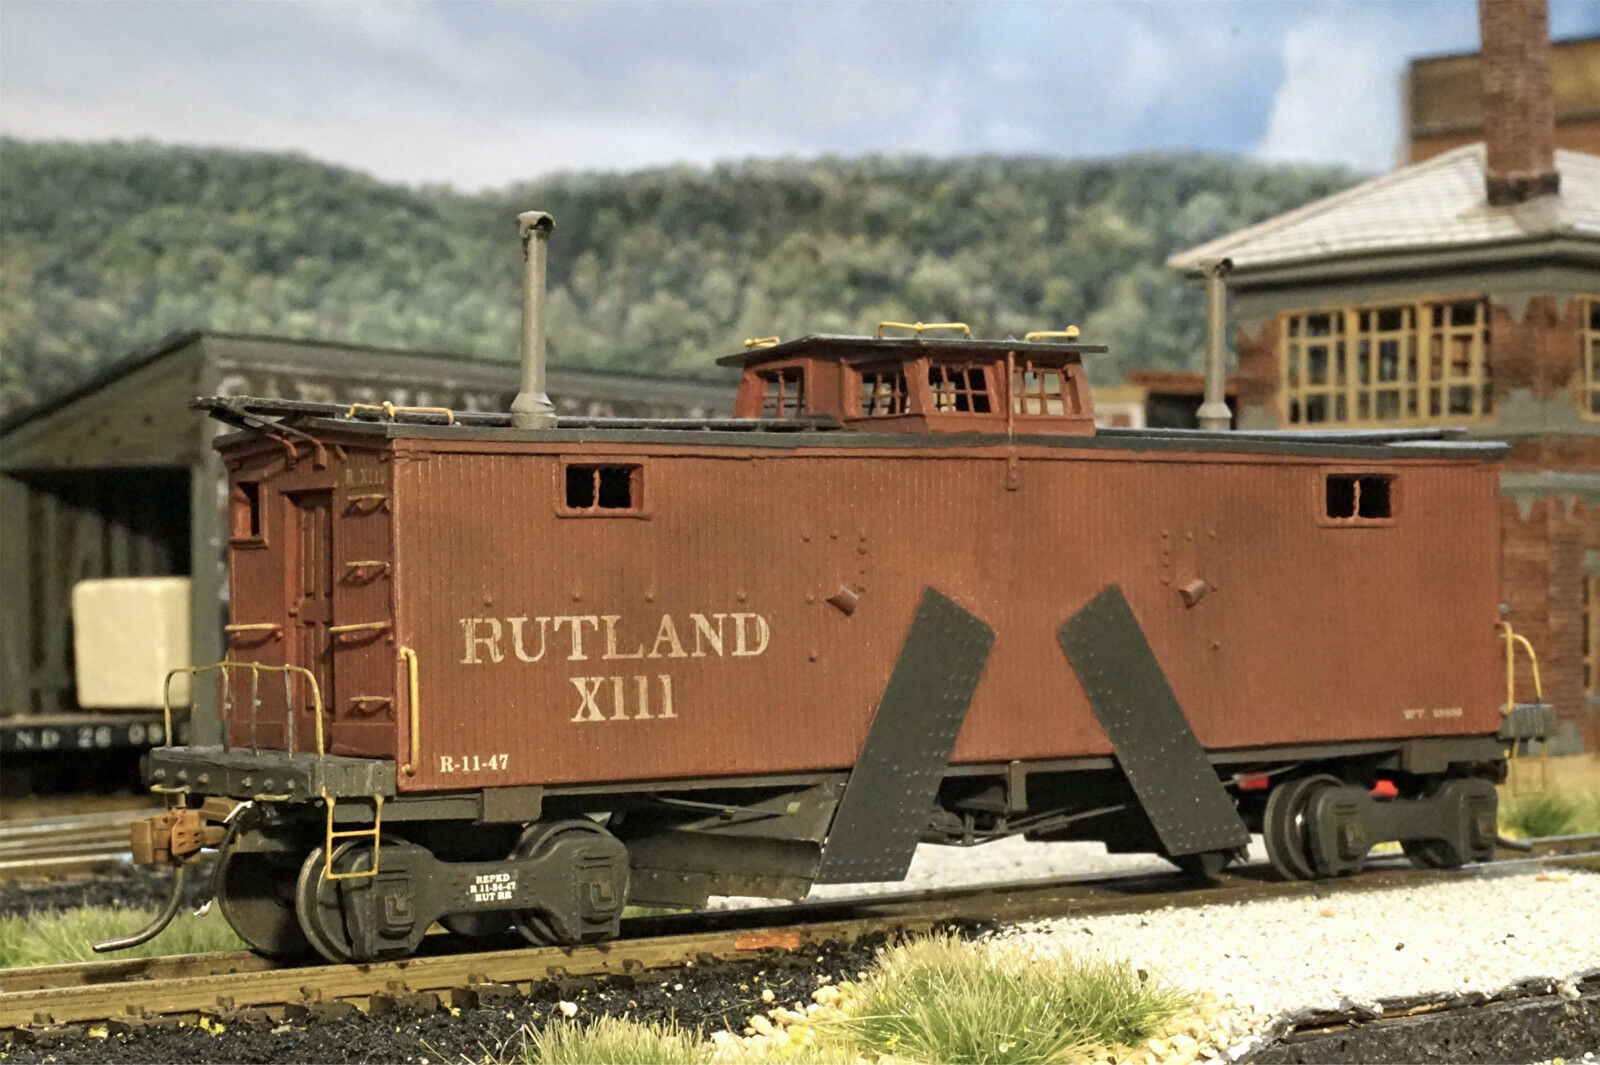 Con 100% de calidad y servicio de% 100. Rutland Flanger  111 HO Modelo Del Del Del FerroCocheril cortar Sin Pintar Resina Kit SPK72  precios ultra bajos